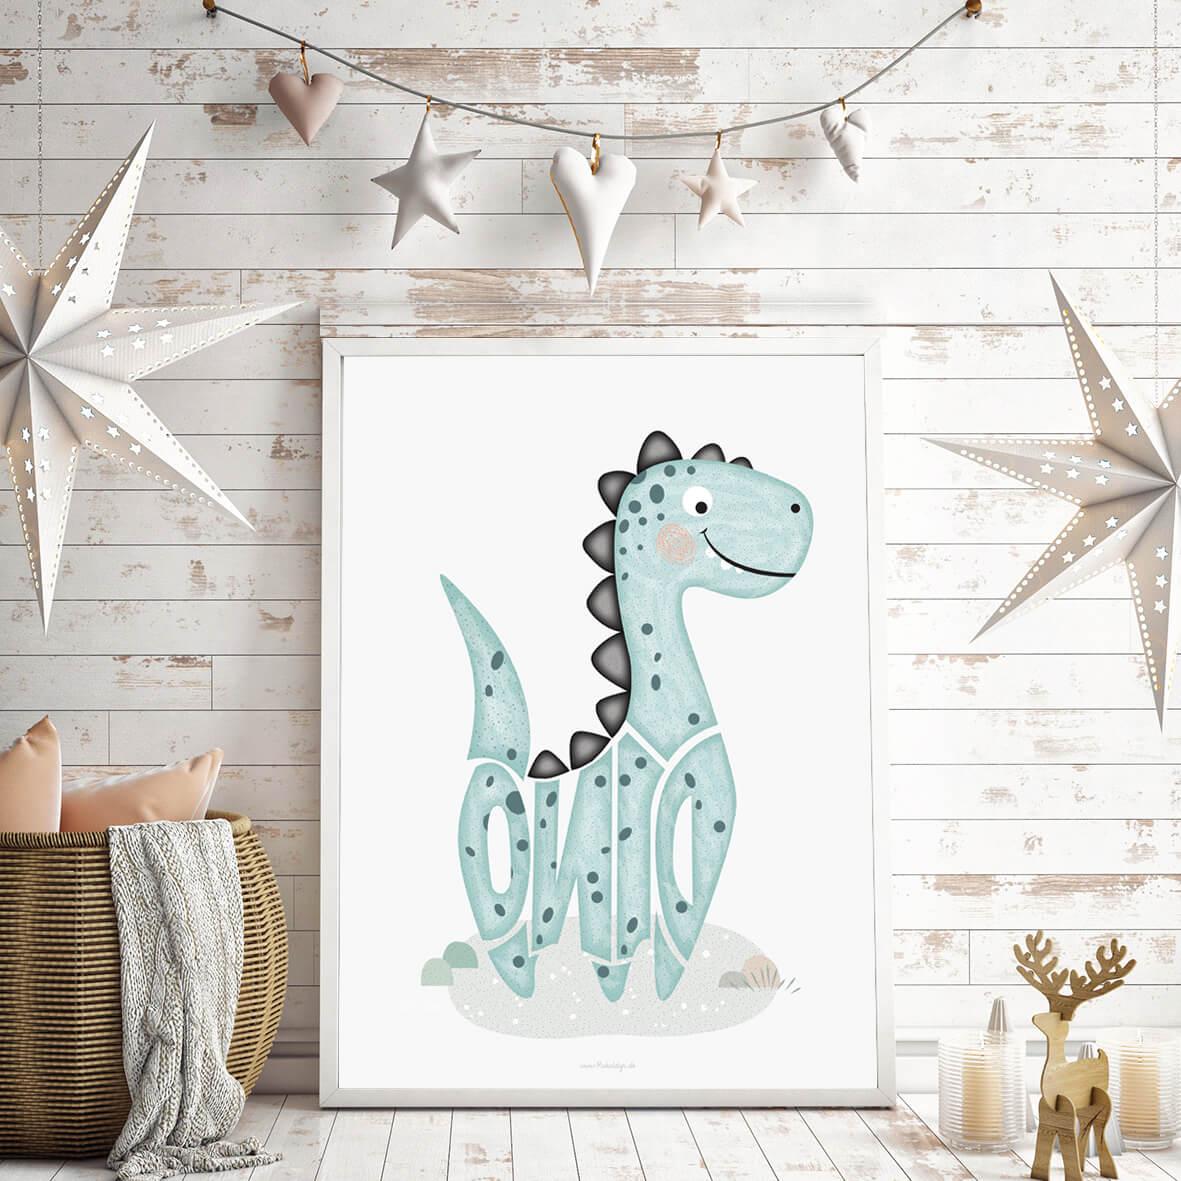 dinosaur-plakat-billig-2